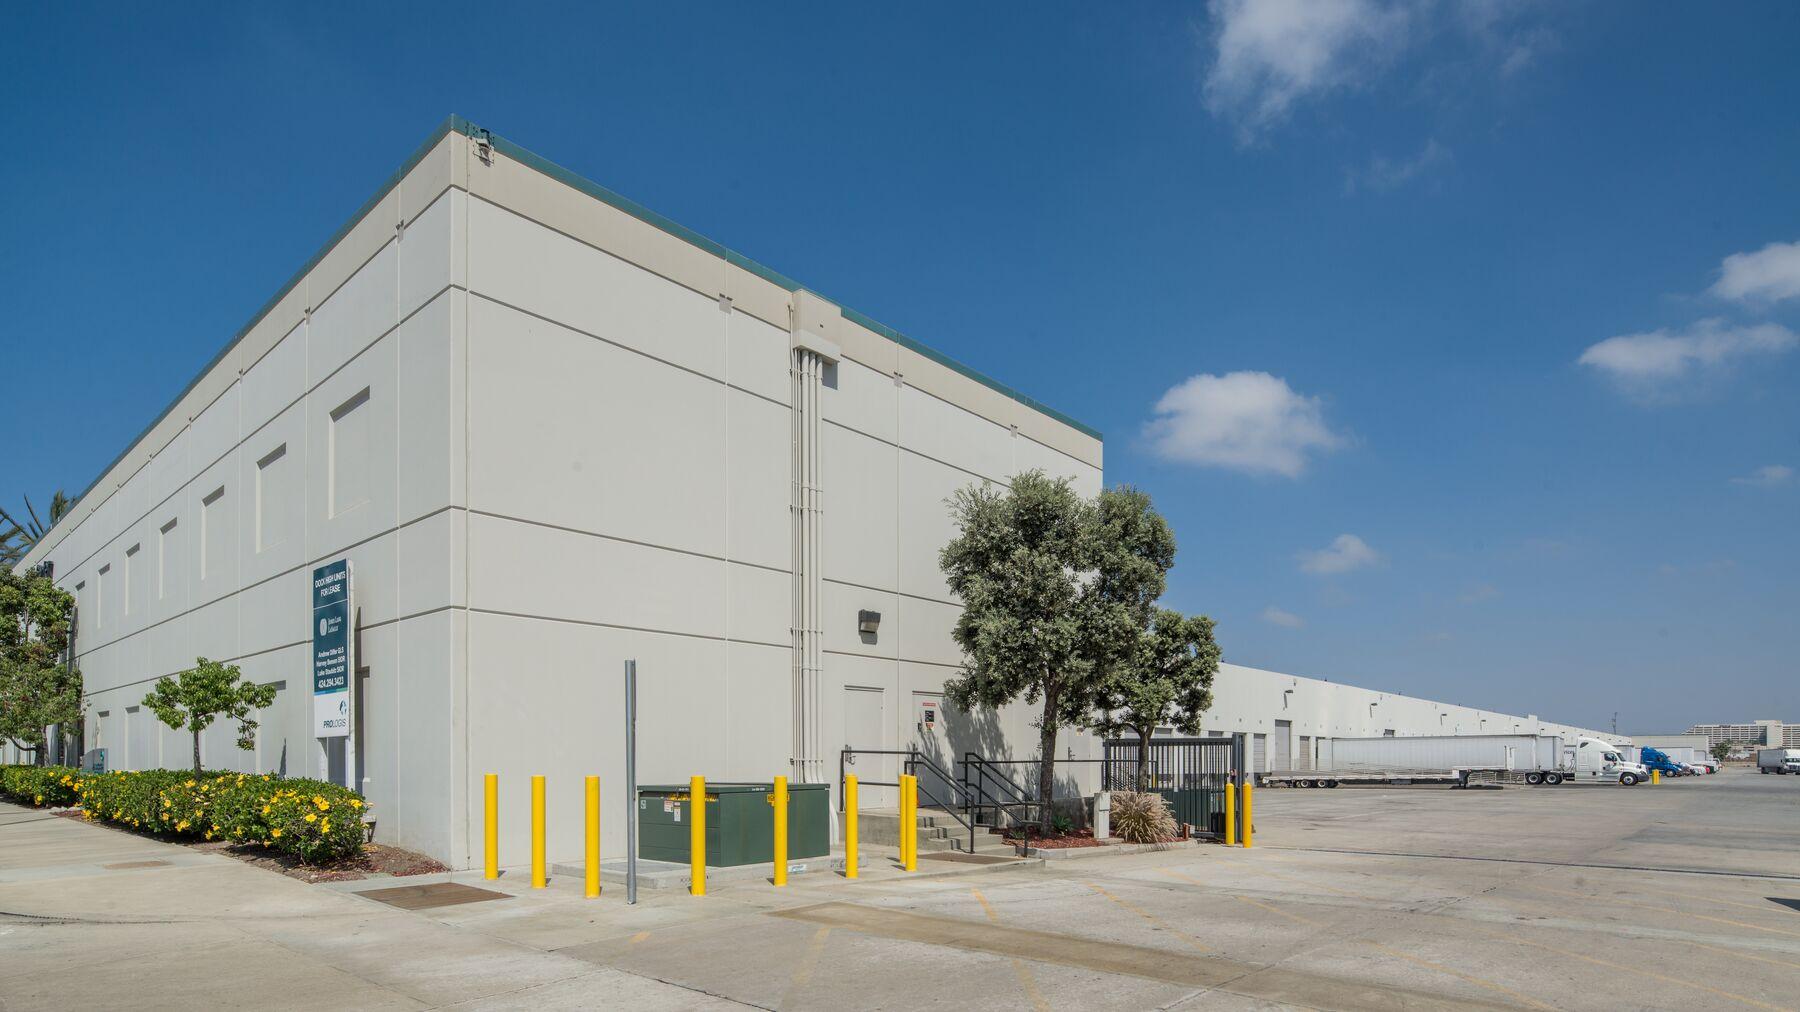 DPM-LAX-Logistics-Ctr-2-4.jpg